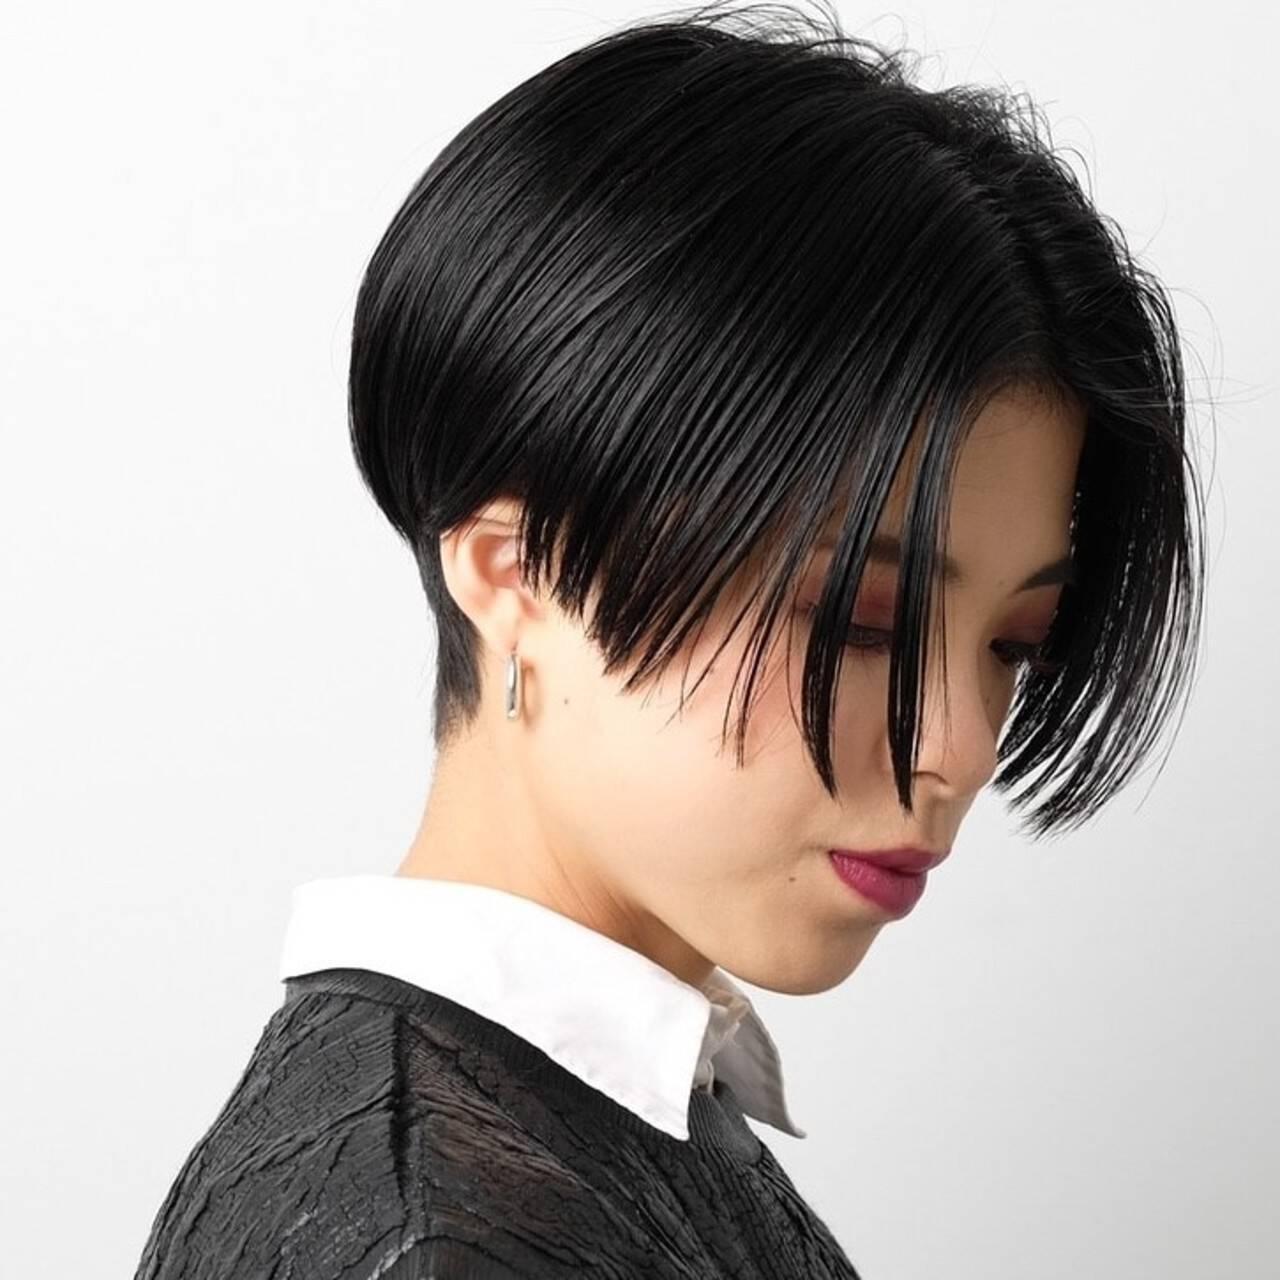 似合わせカット PEEK-A-BOO モード 阿藤俊也ヘアスタイルや髪型の写真・画像